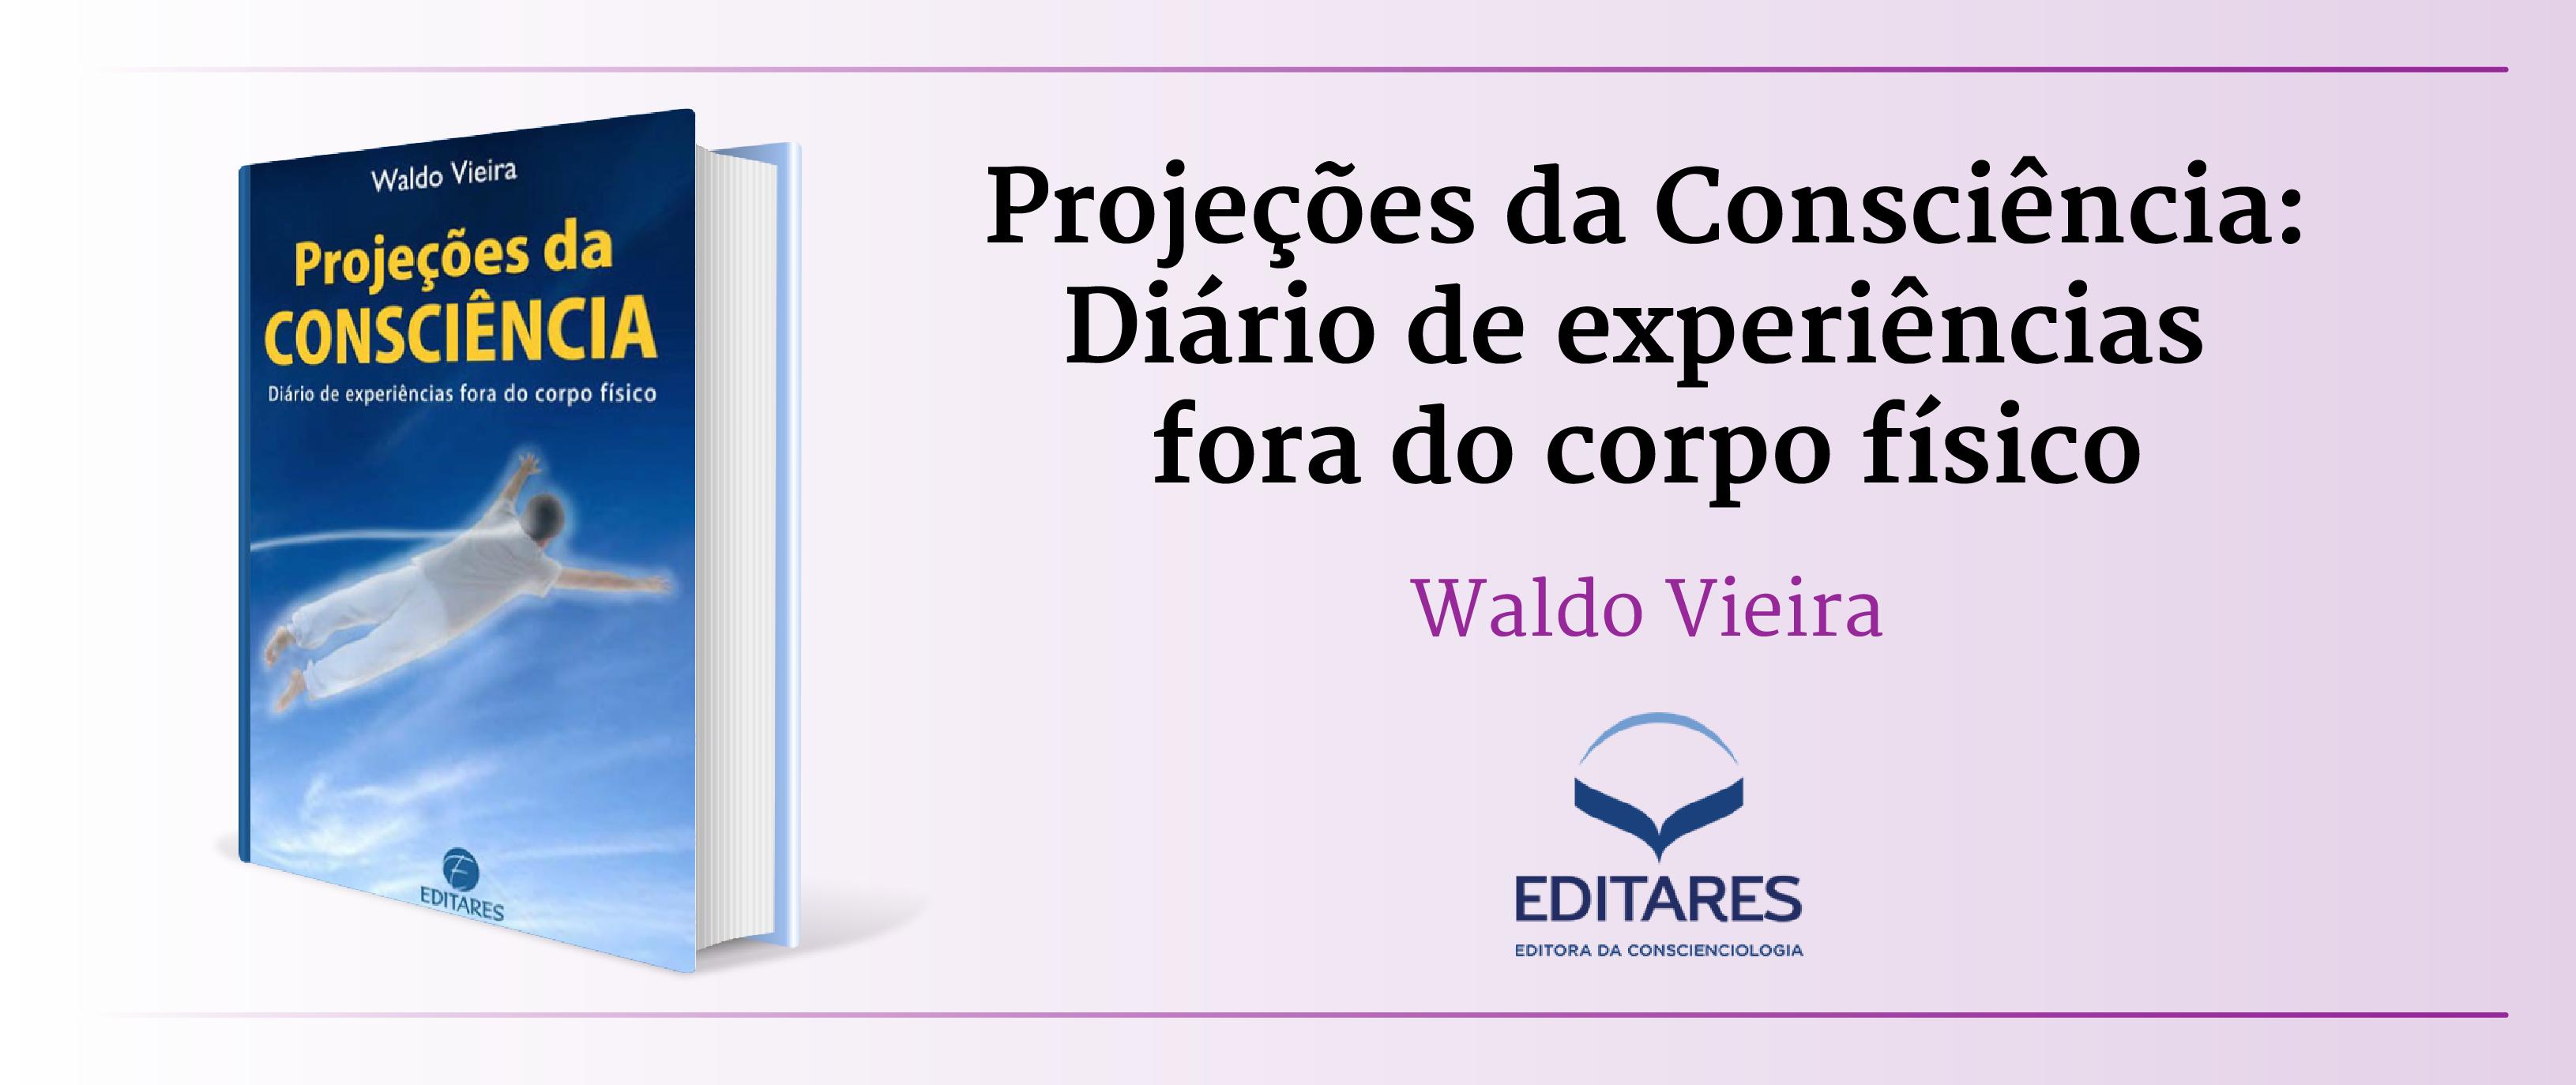 image-Projecoes-da-Consciencia.pdf